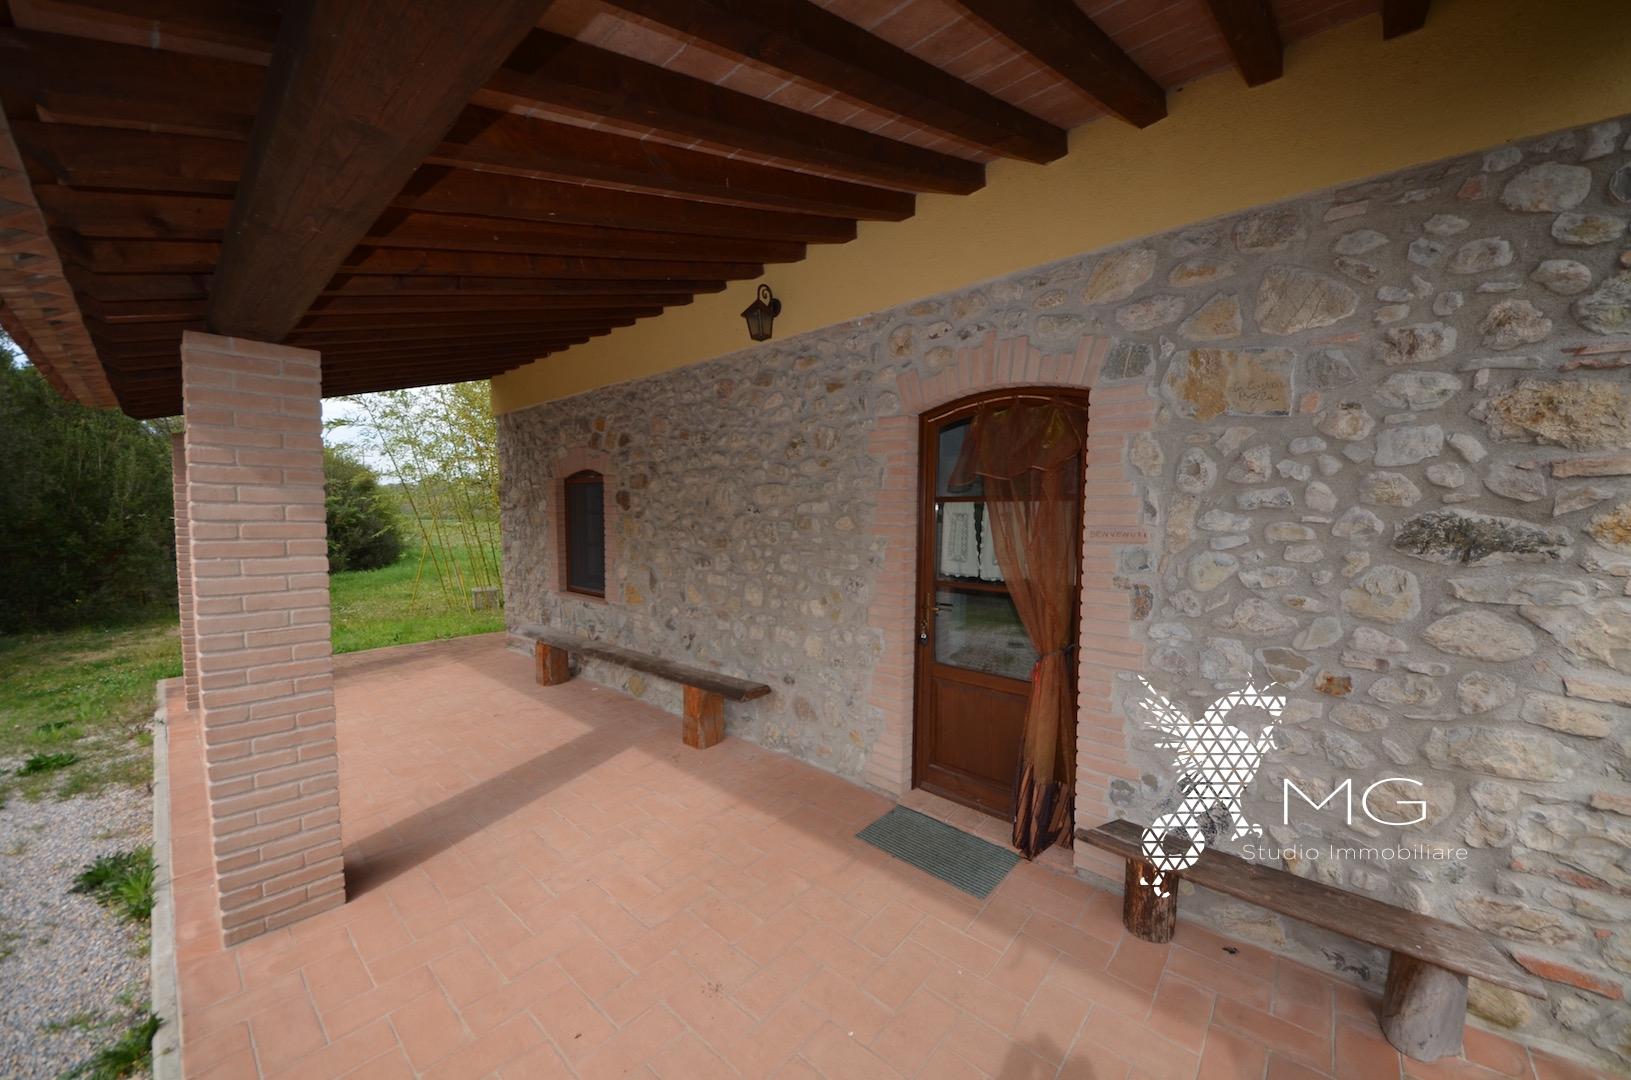 Bilocale Montecatini Val di Cecina Via Dei Tre Comuni 4